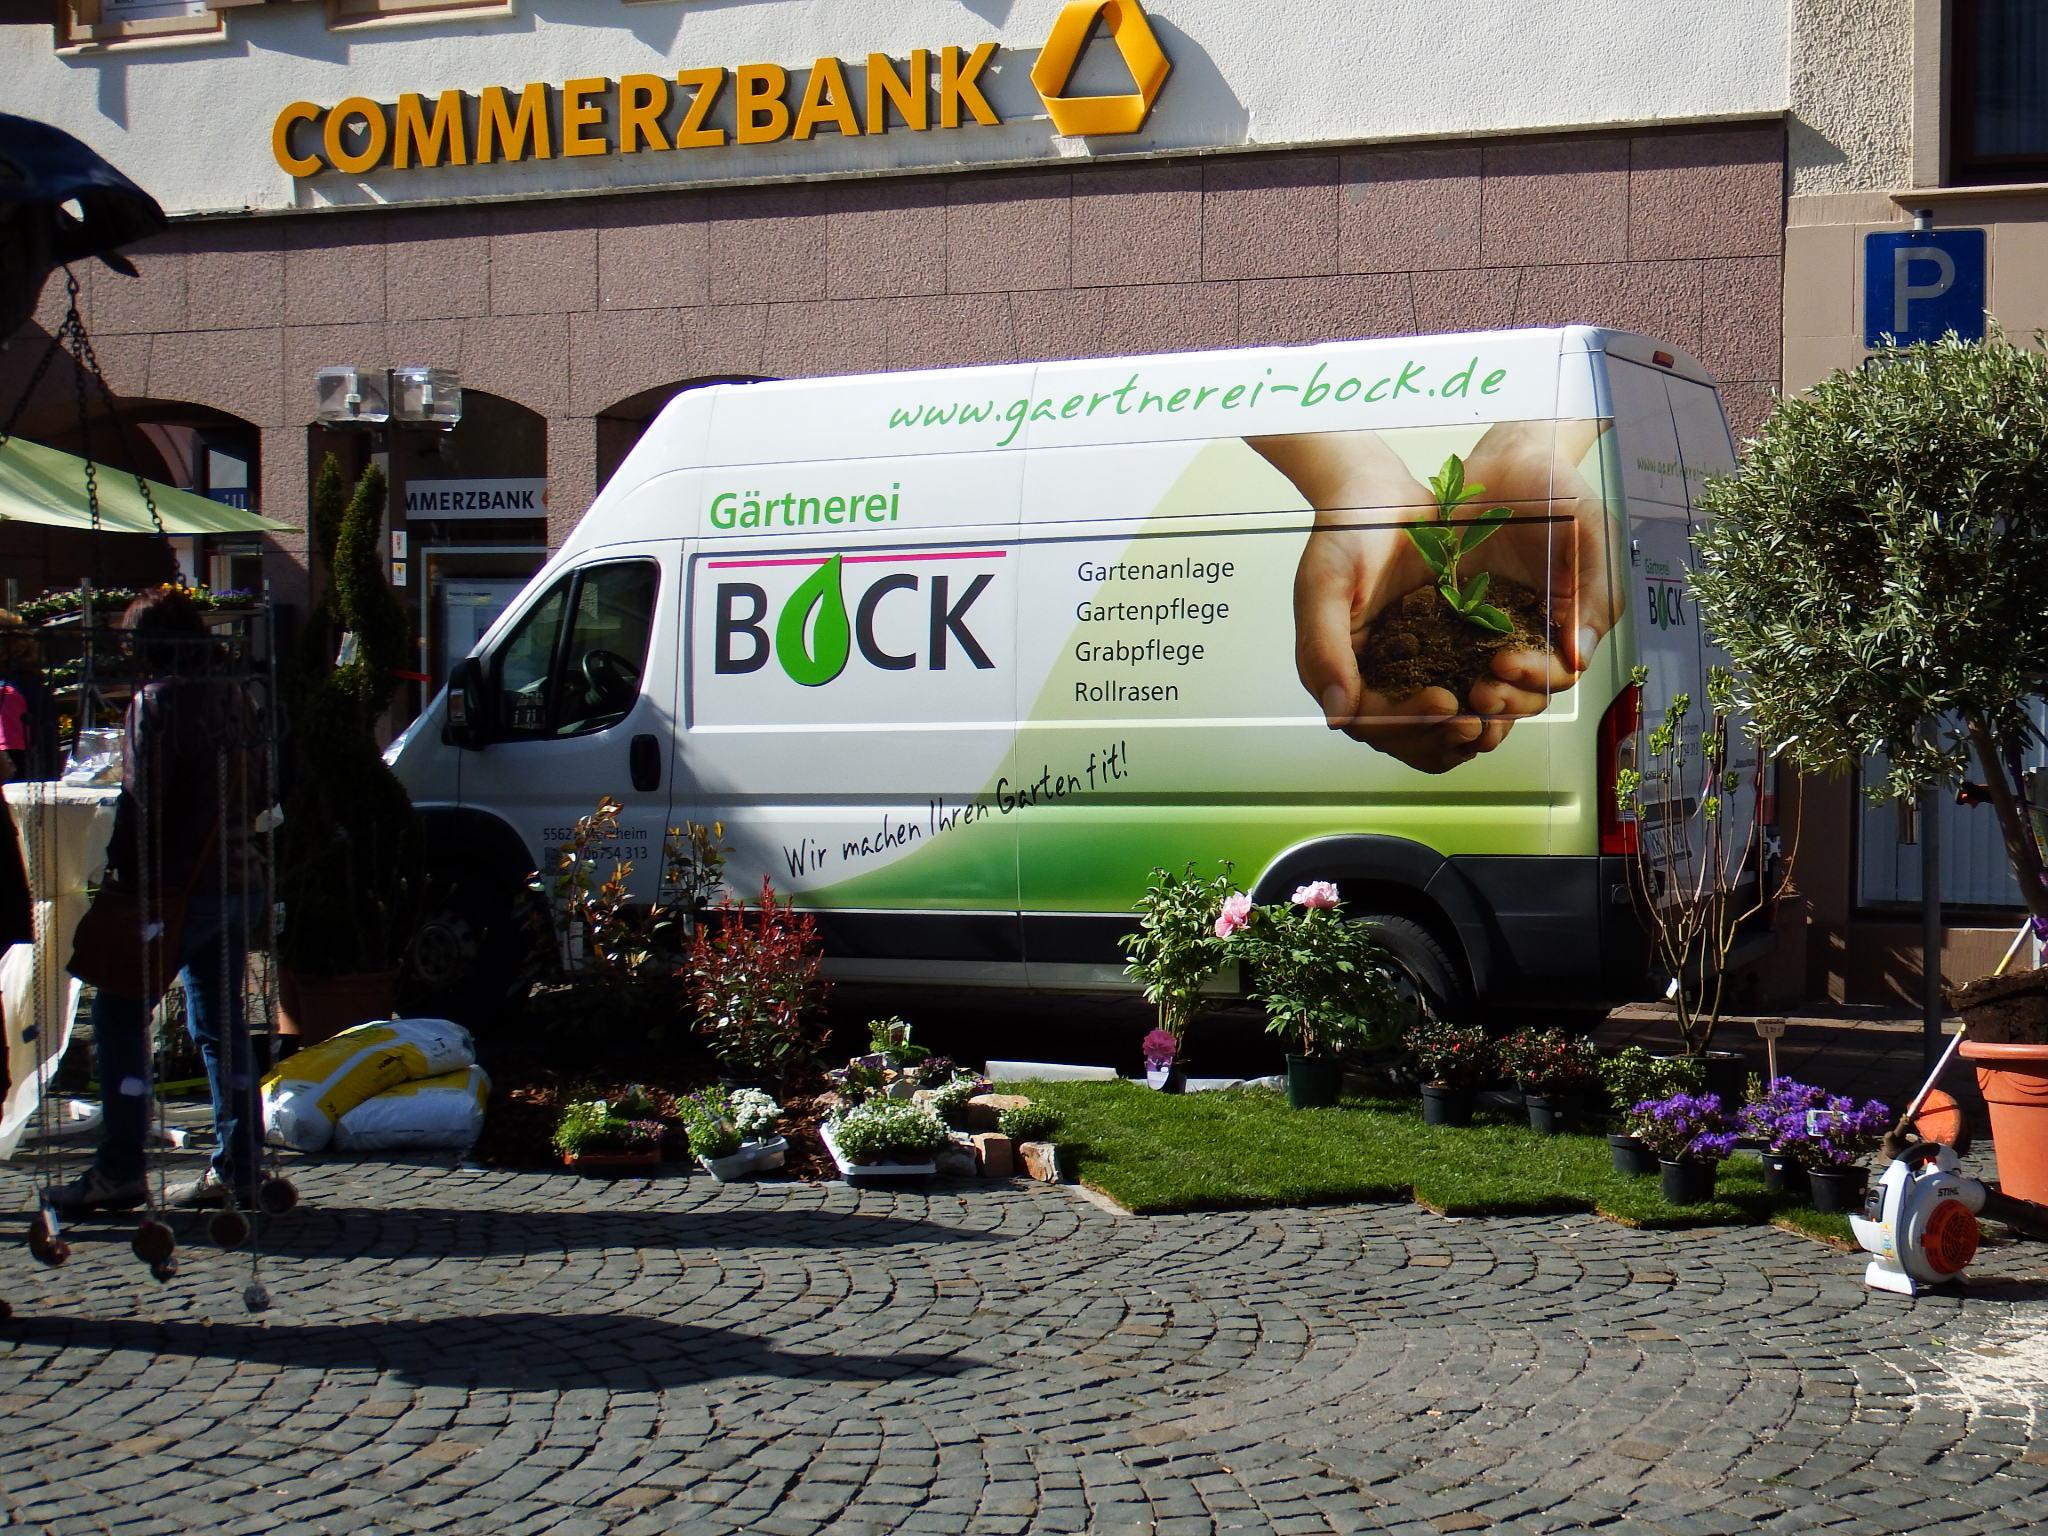 Rollrasen - Mulch - Erde - Substrat - Frühlingserwachen Kirn - Gärtnerei Bock - Kirn - Bad Sobernheim - Rasen - Galabau - Rasenneuanlage - Bad Kreuznach - Meisenheim - Simmern - Idar-Oberstein - Birkenfeld - Bingen